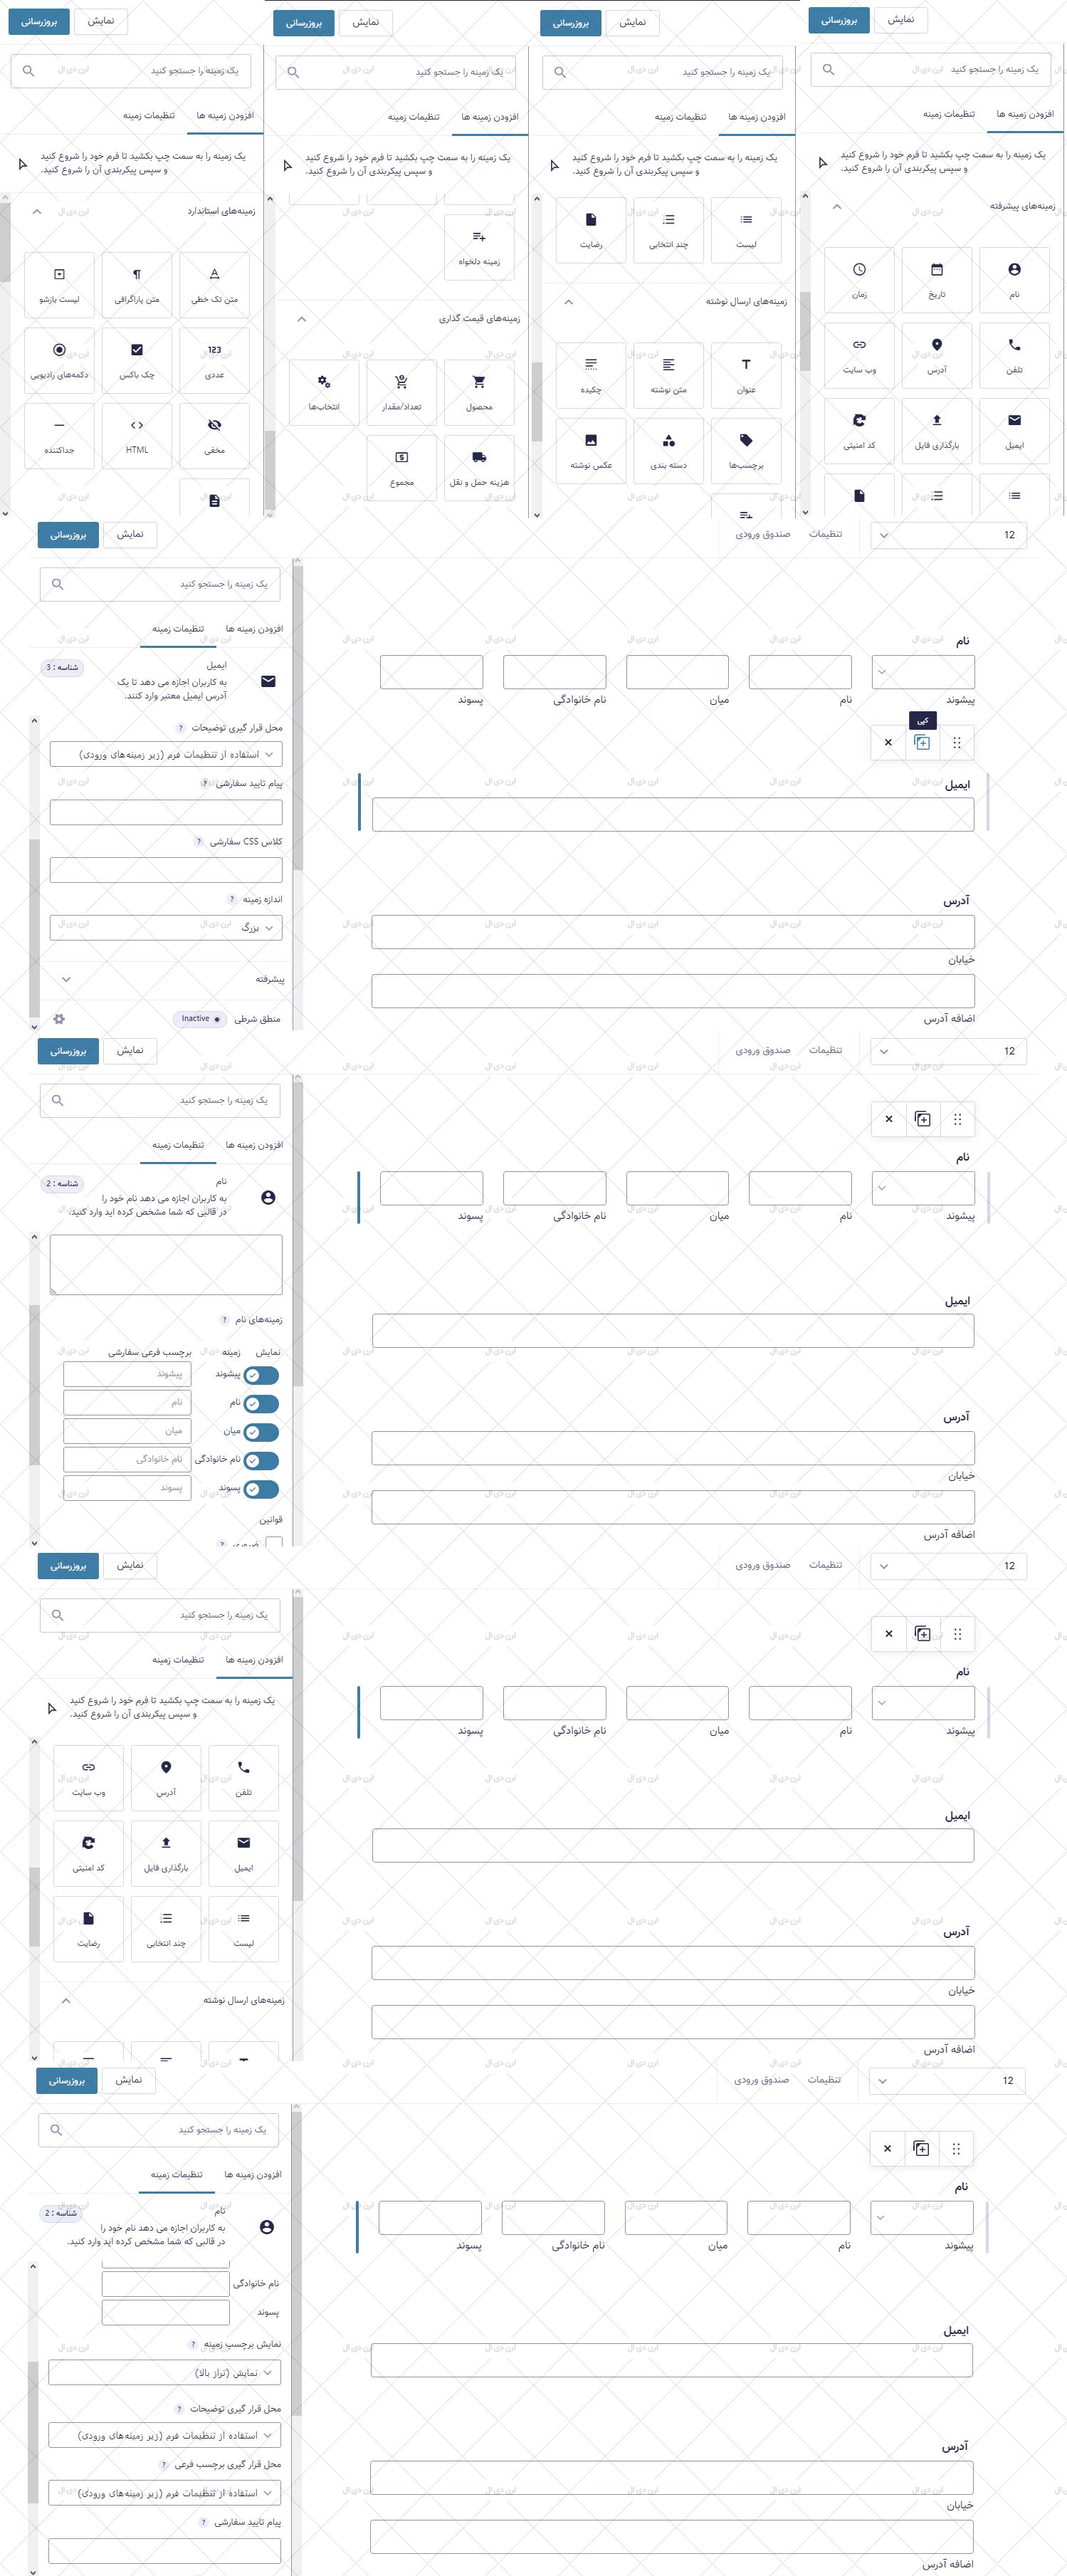 دانلود نسخه فارسی افزونه گرویتی فرم فارسی